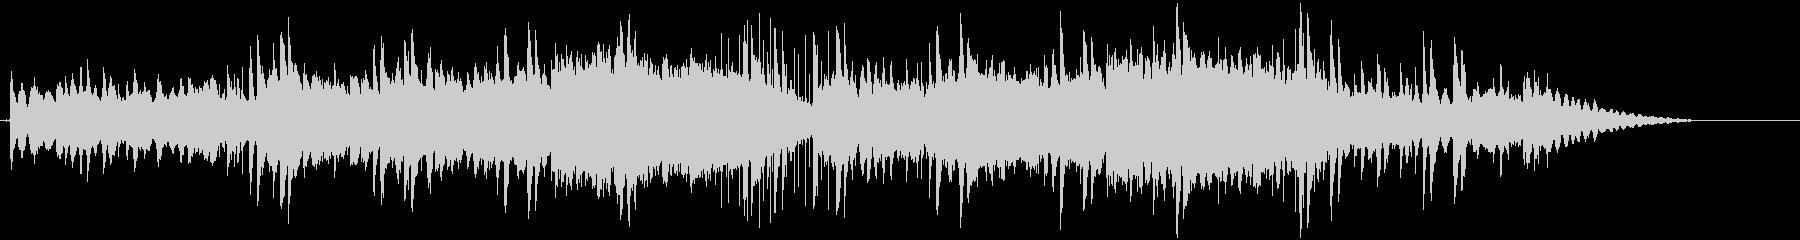 空間的な余韻が特徴のアンビエントの未再生の波形